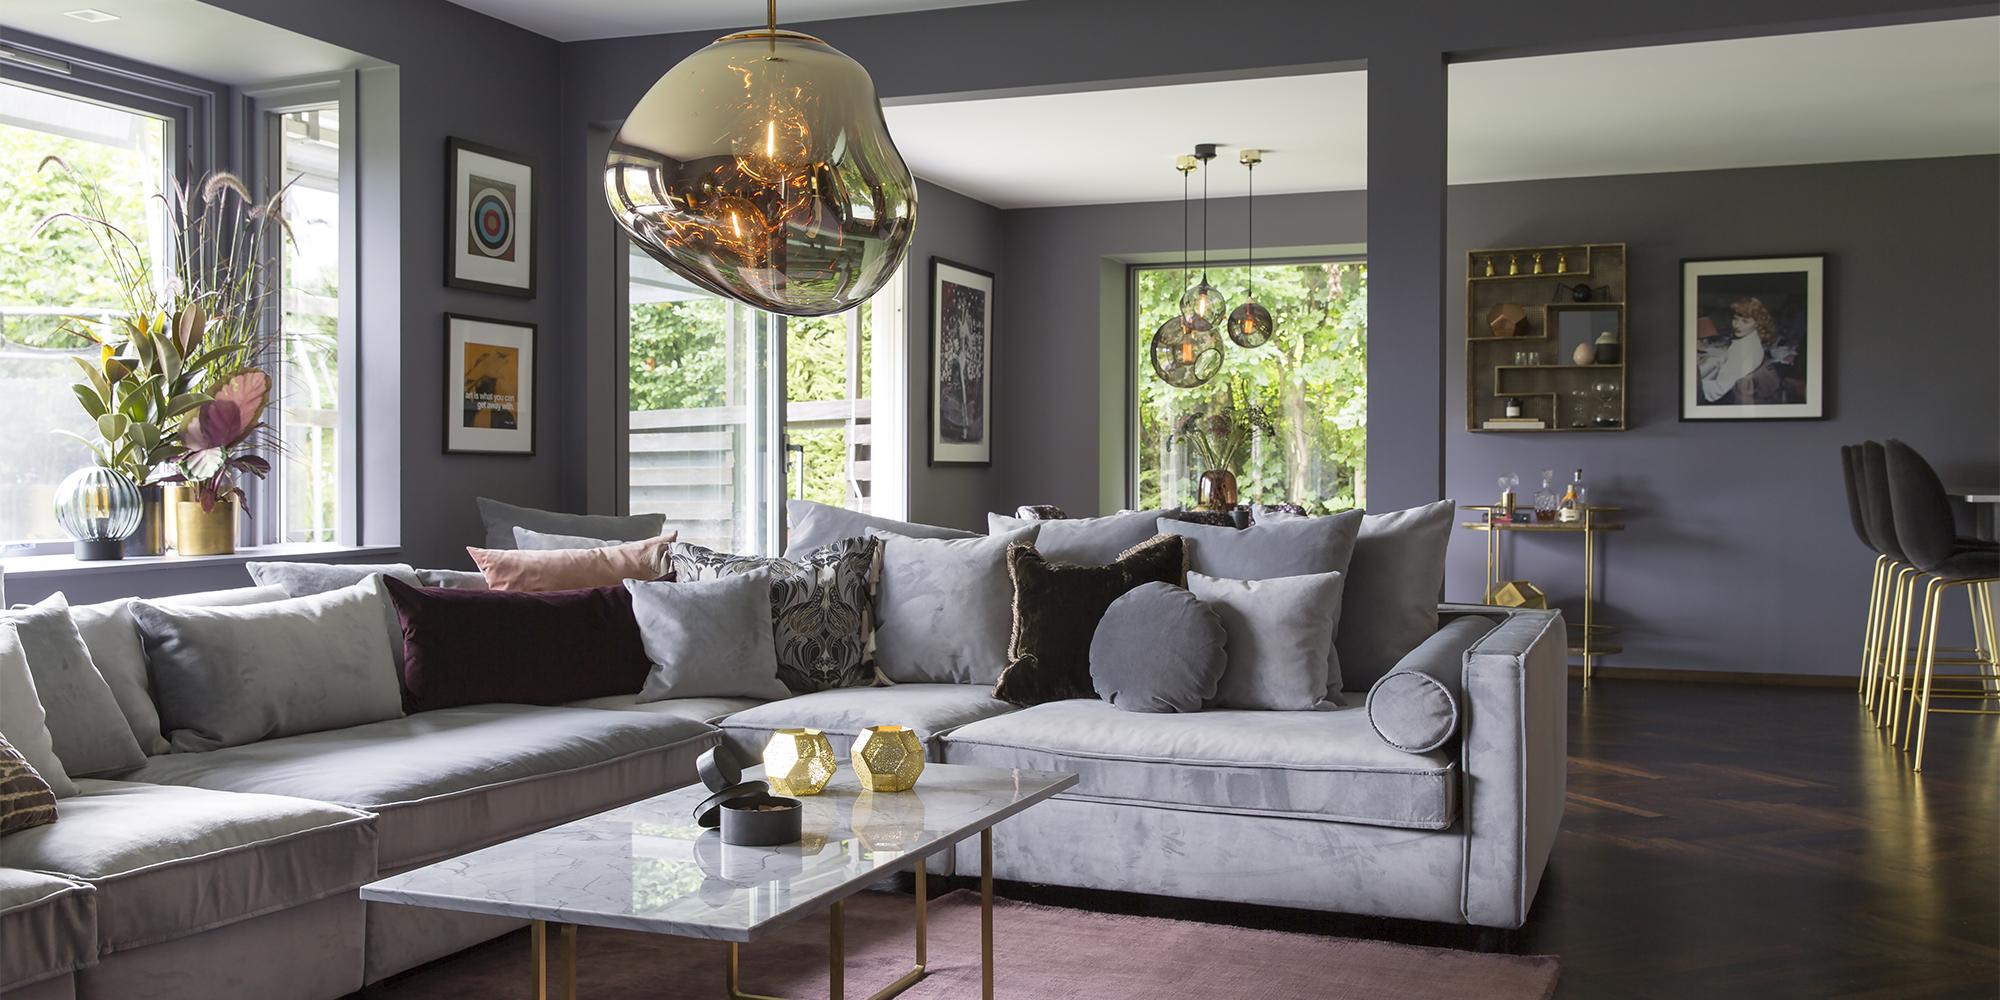 Topp Luksuriøs stue med varme farger og eksklusive detaljer YD-06